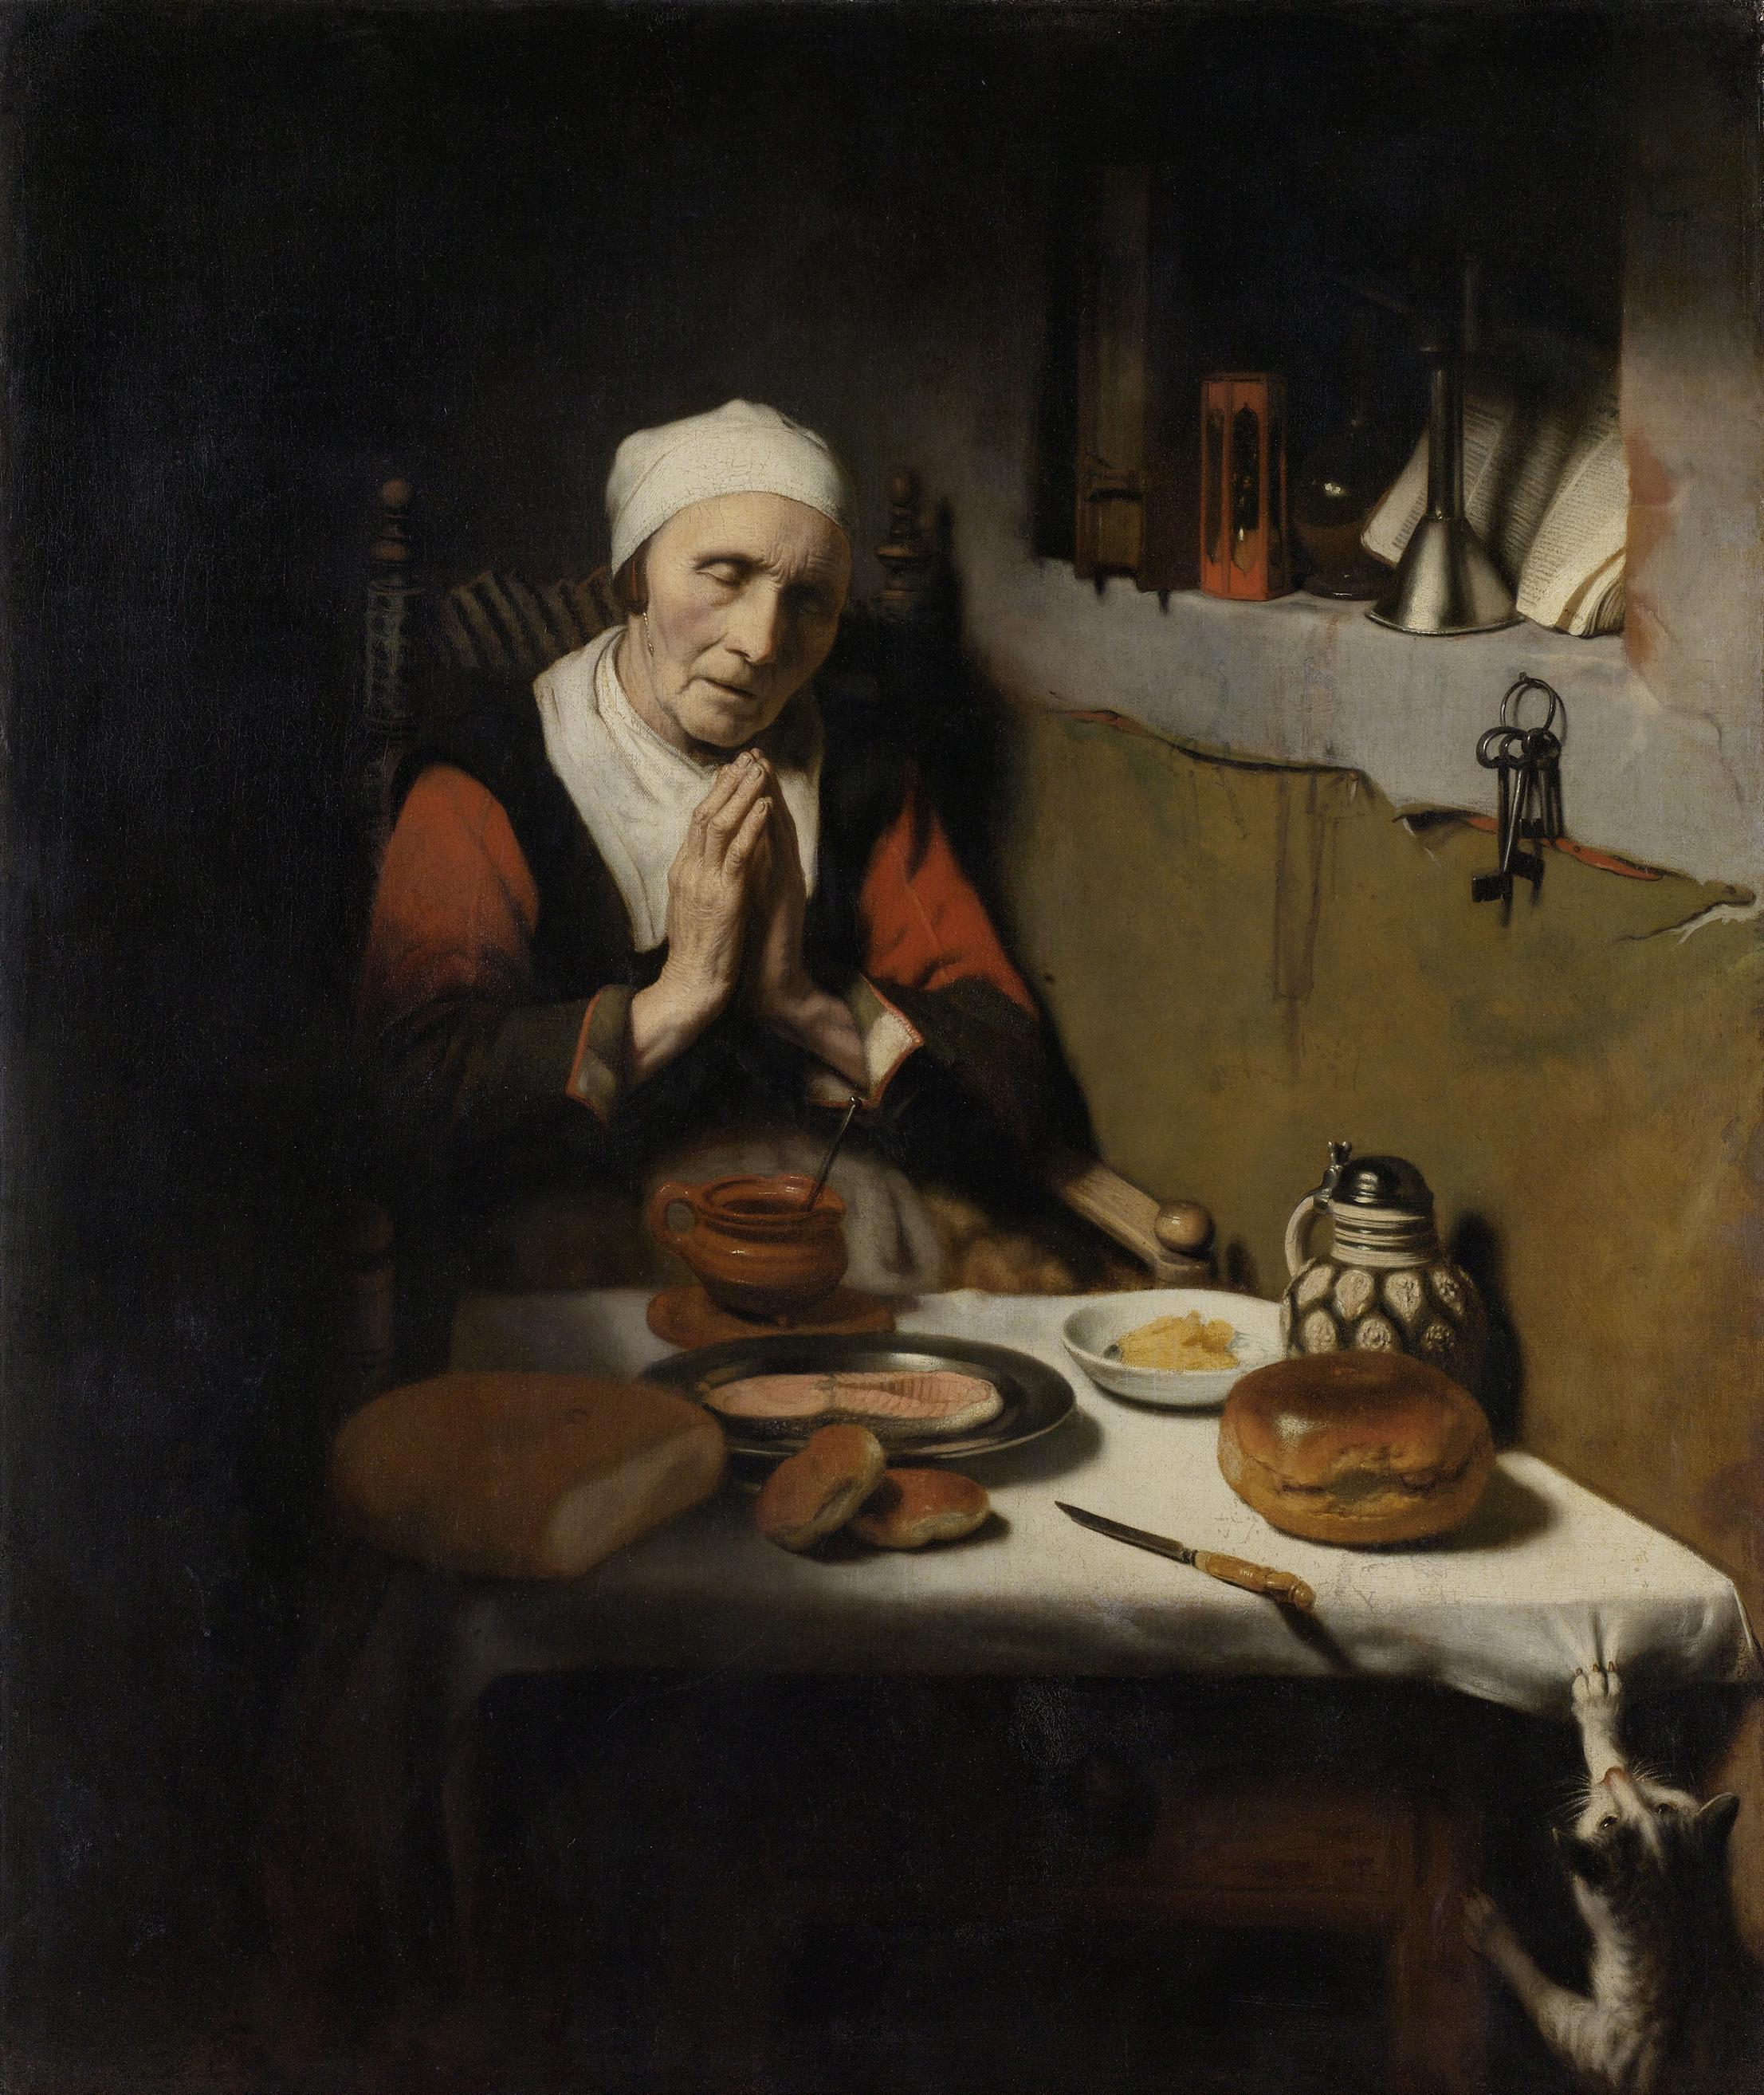 oude_vrouw_in_gebed_bekend_als_het_gebed_zonder_end_rijksmuseum_sk-c-535